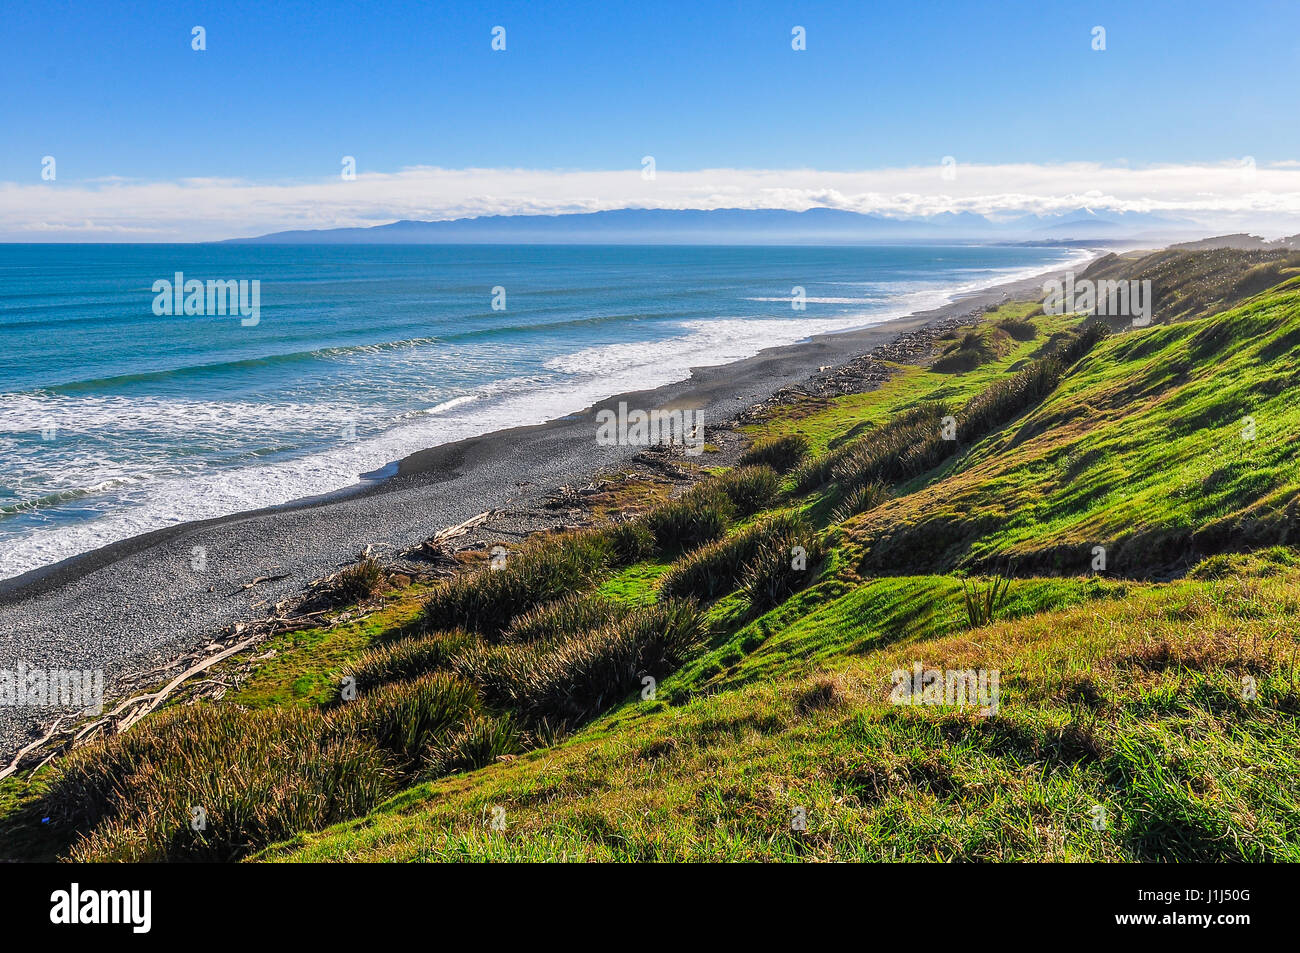 Paysage littoral rugueux dans le sud de l'itinéraire touristique, Nouvelle-Zélande Photo Stock